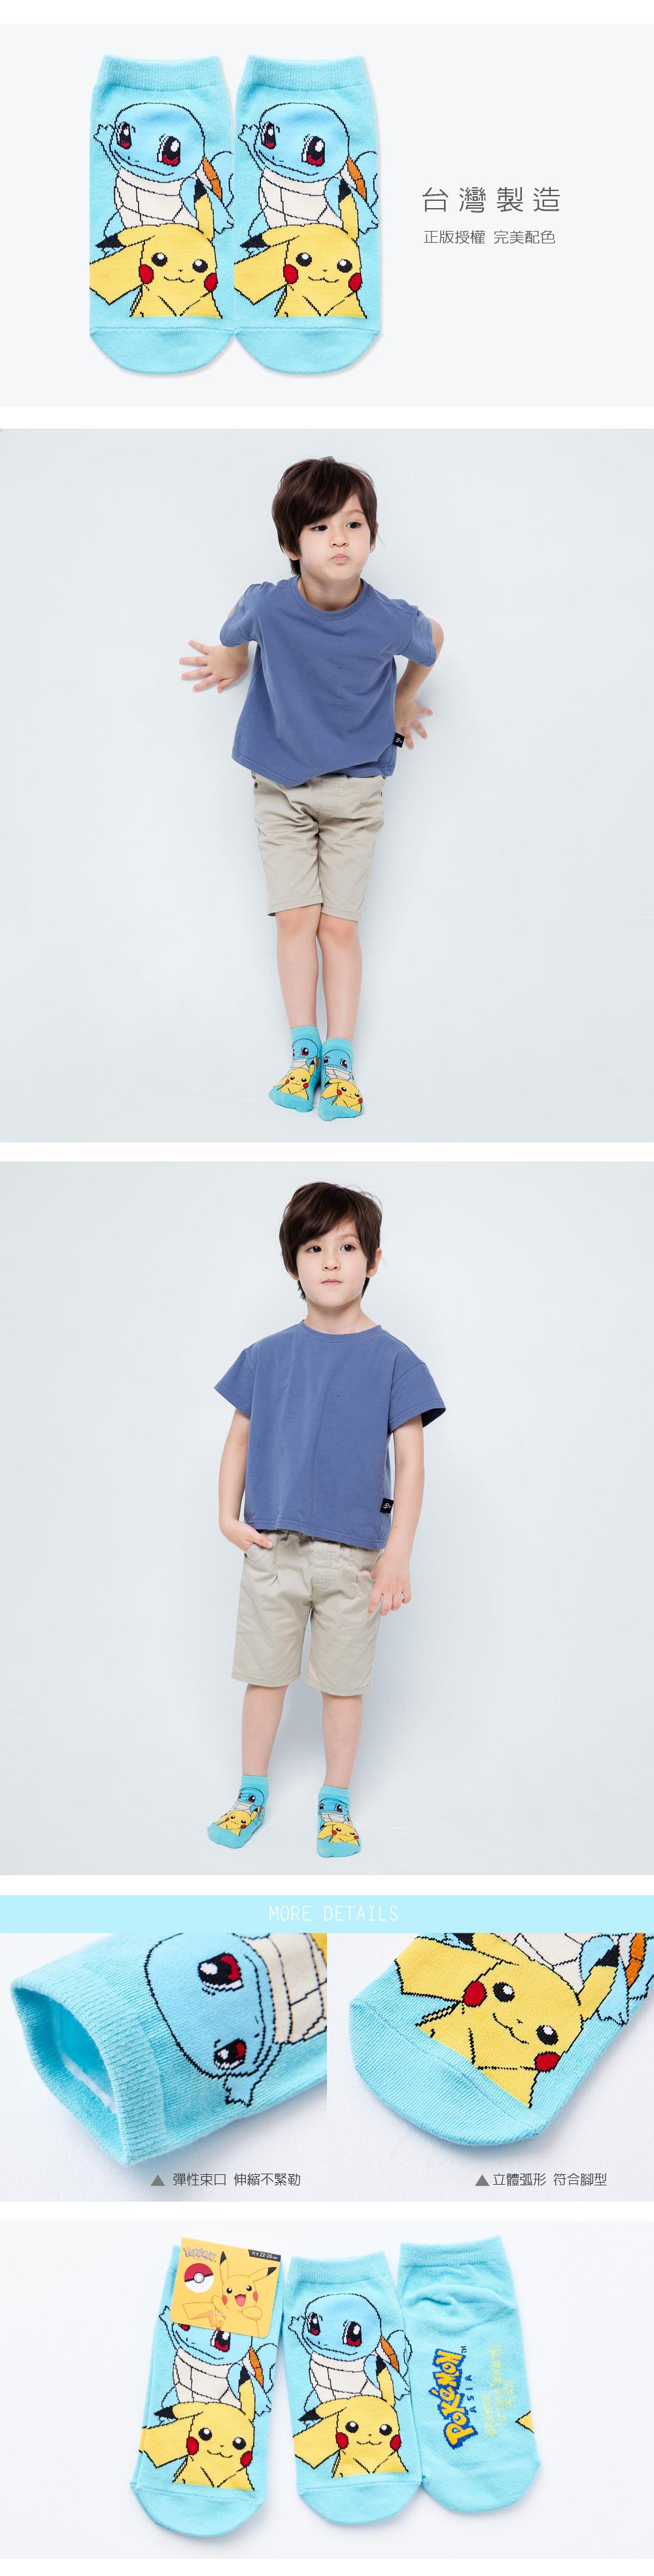 寶可夢直版襪-11